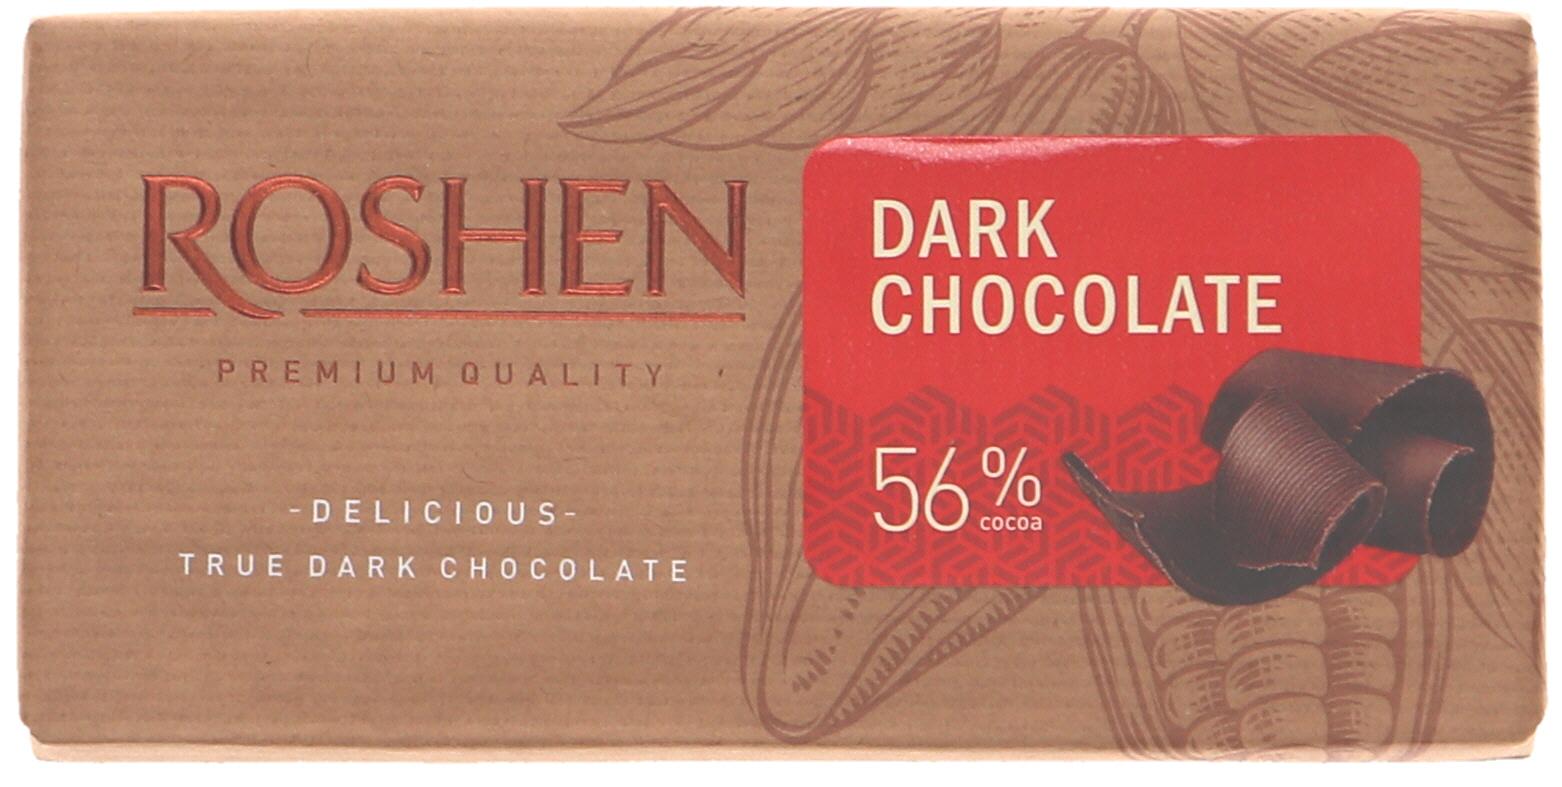 Mörk Choklad 56% - 19% rabatt